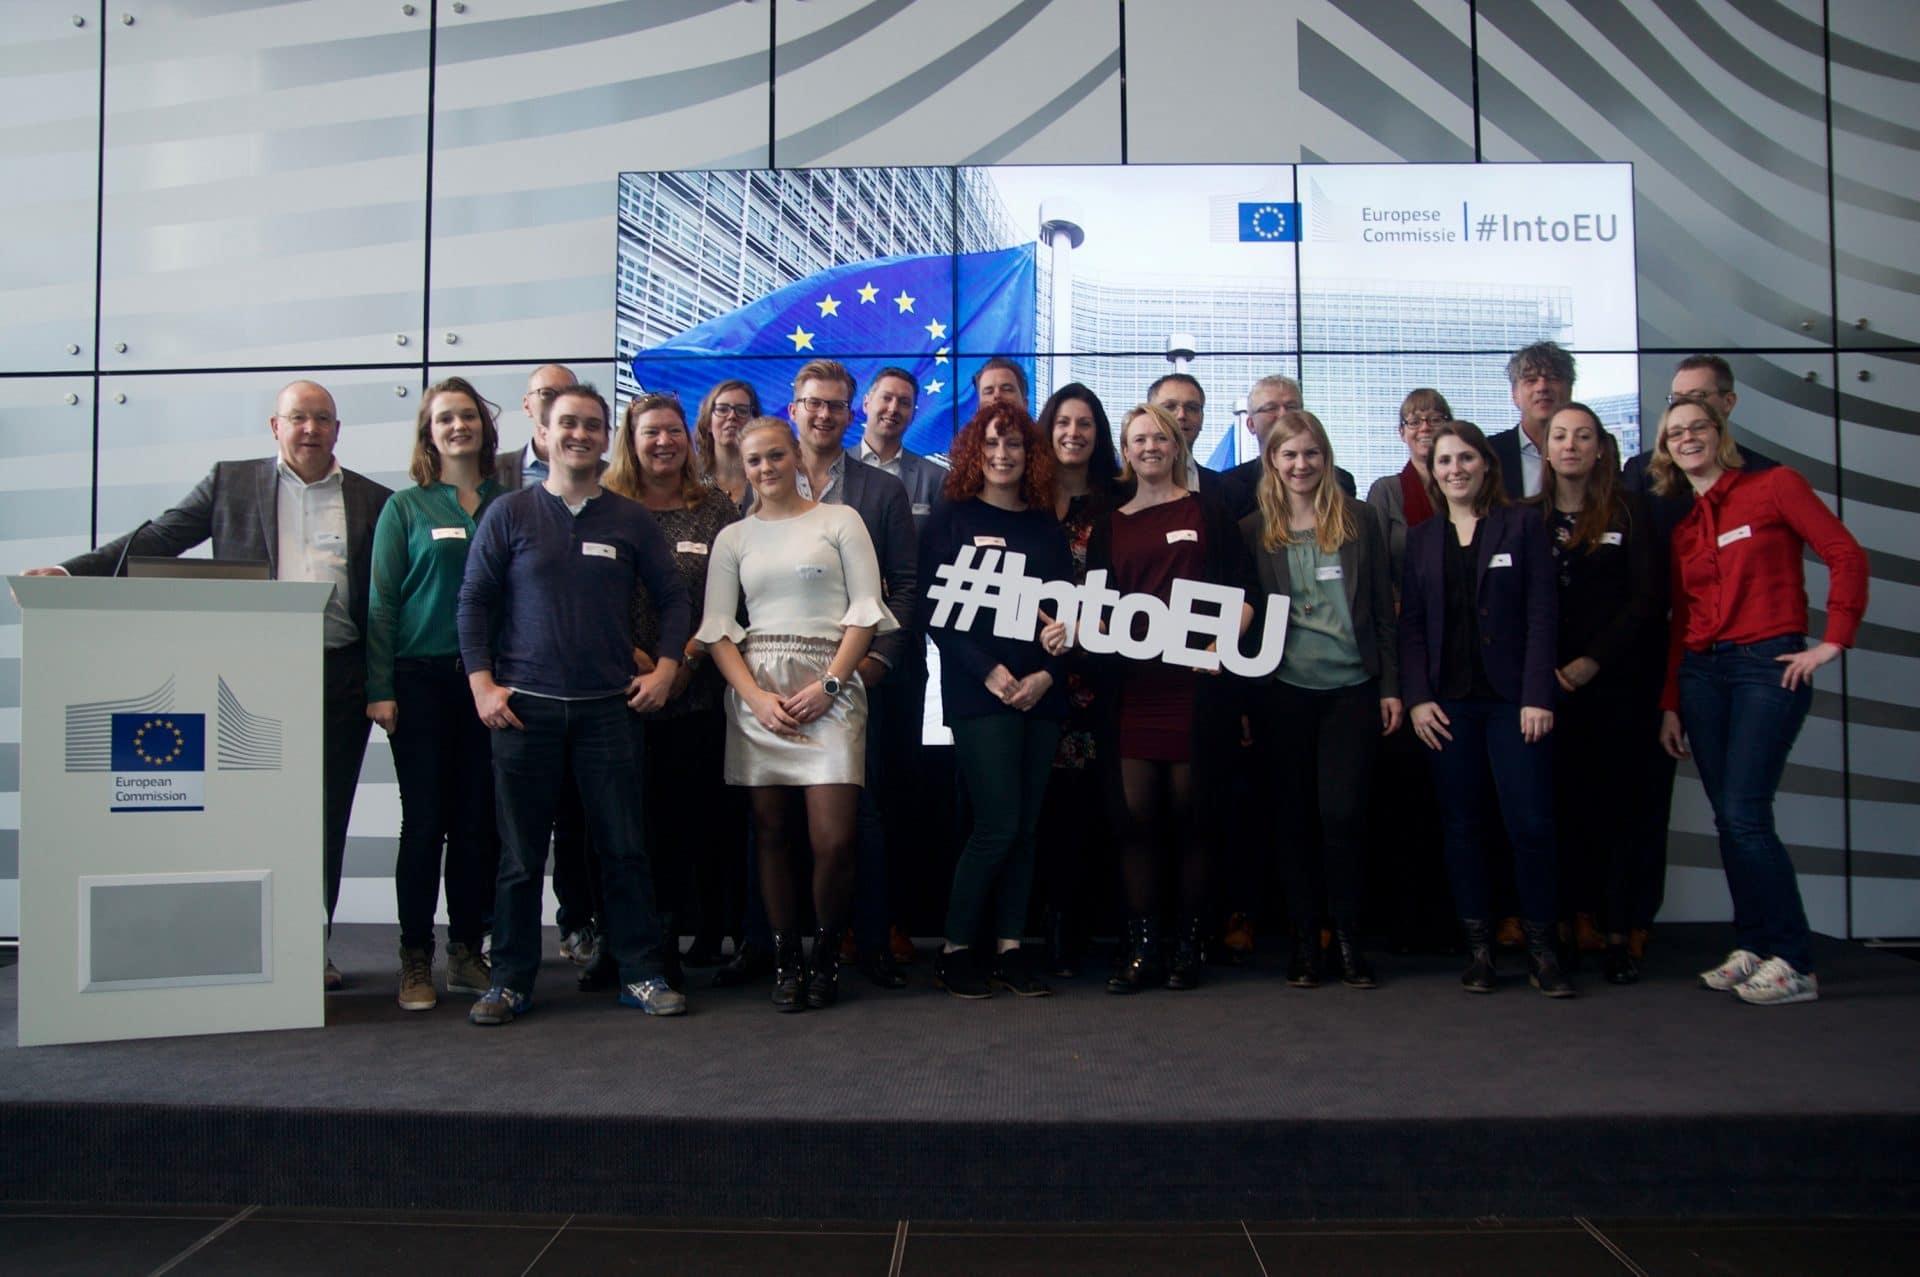 Studiebezoek MBA-deelnemers aan de Europese Unie